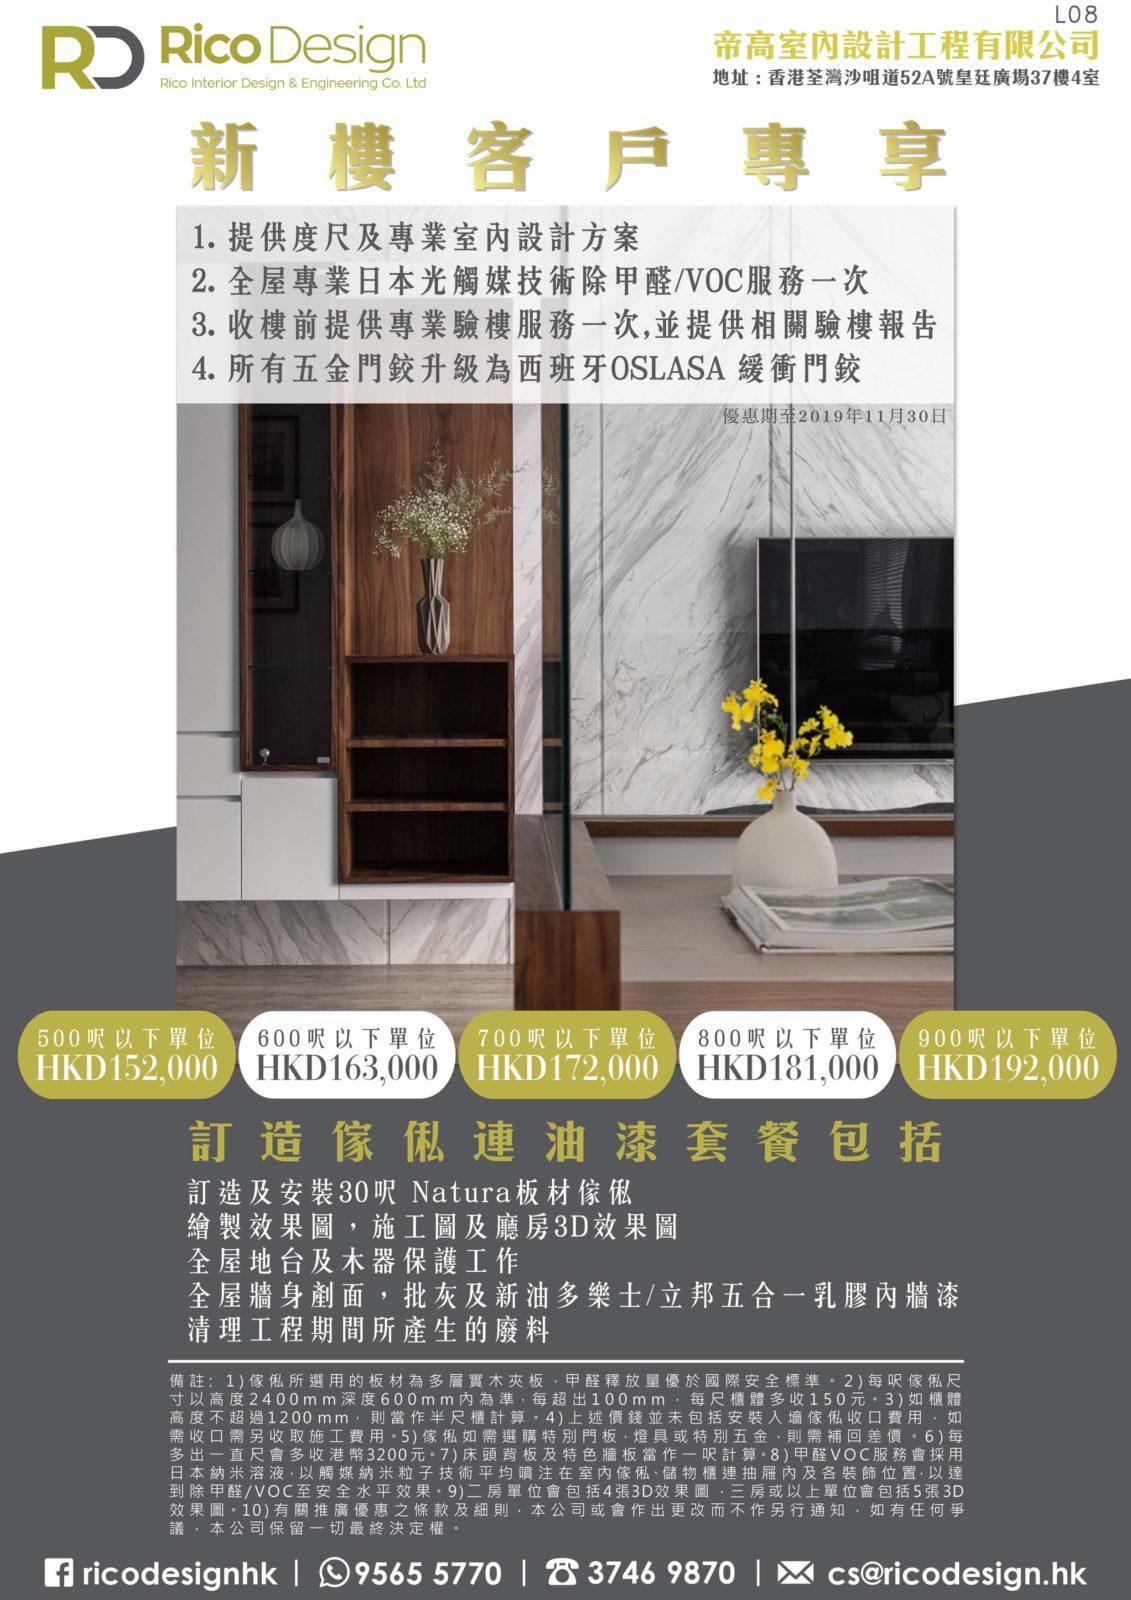 Interior Design promotion